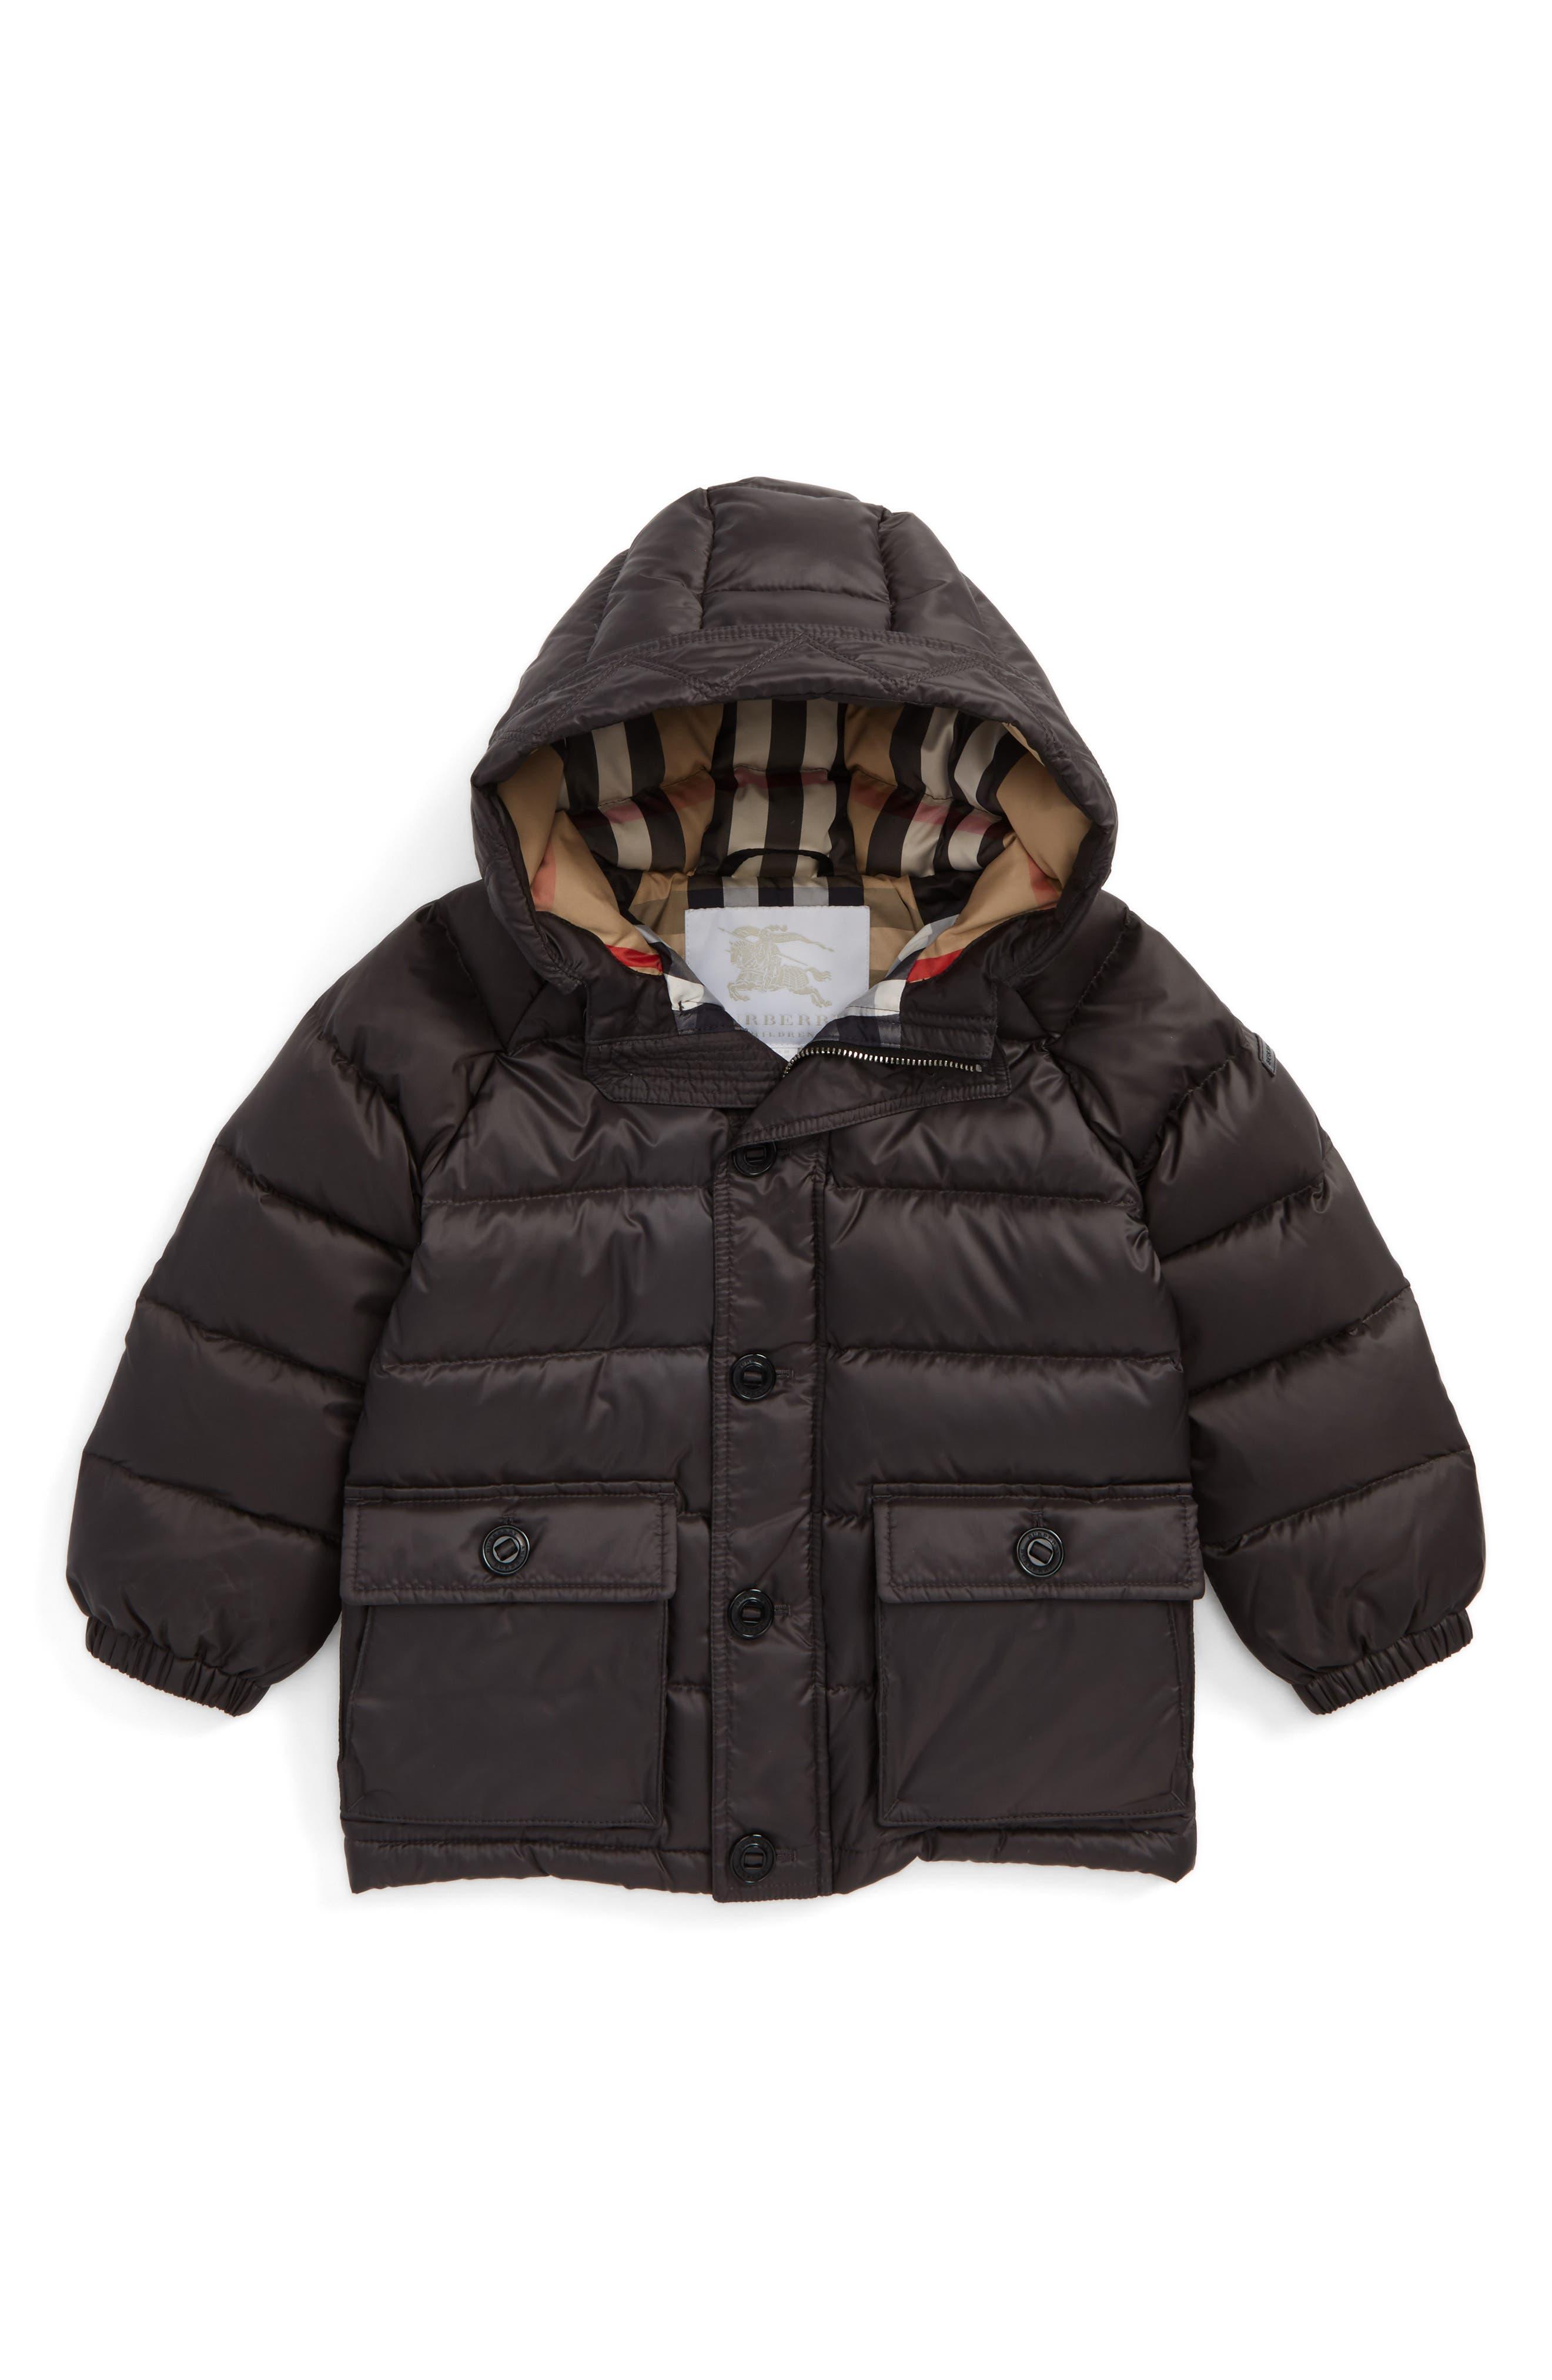 burberry hoodie brown